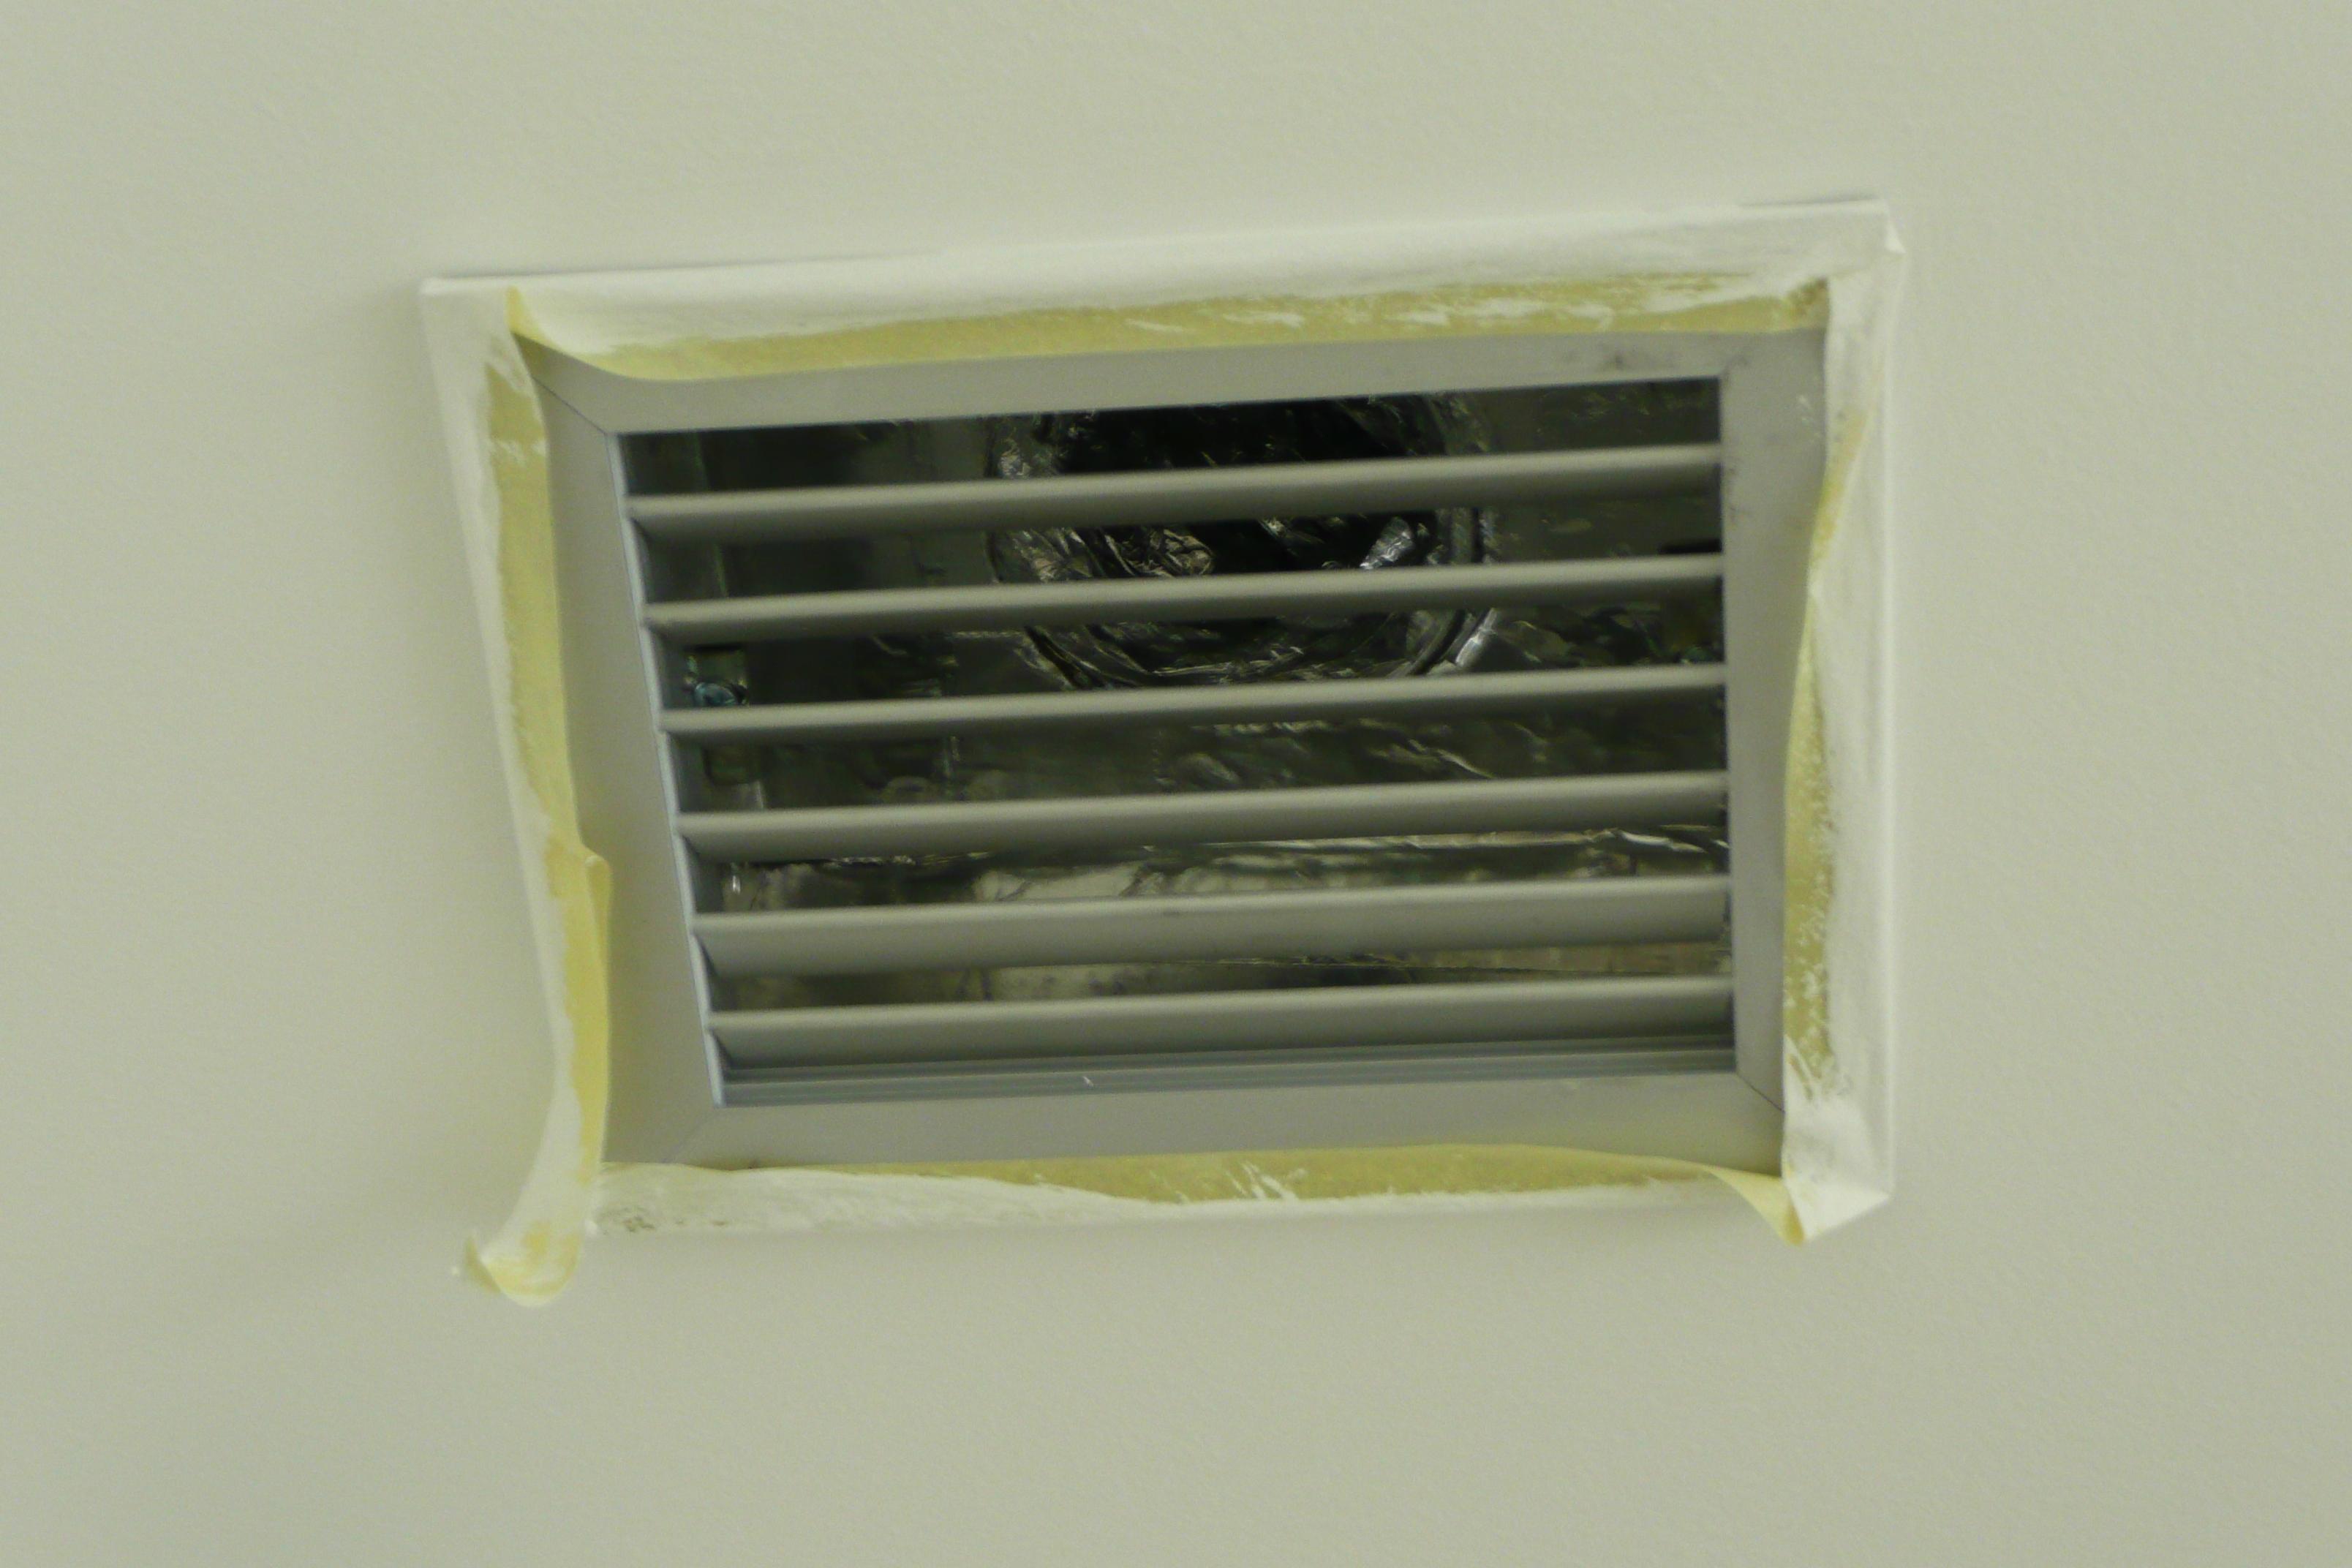 Ventilaci n forzada y recuperador de calor proyecto nehogar - Rejilla ventilacion bano ...